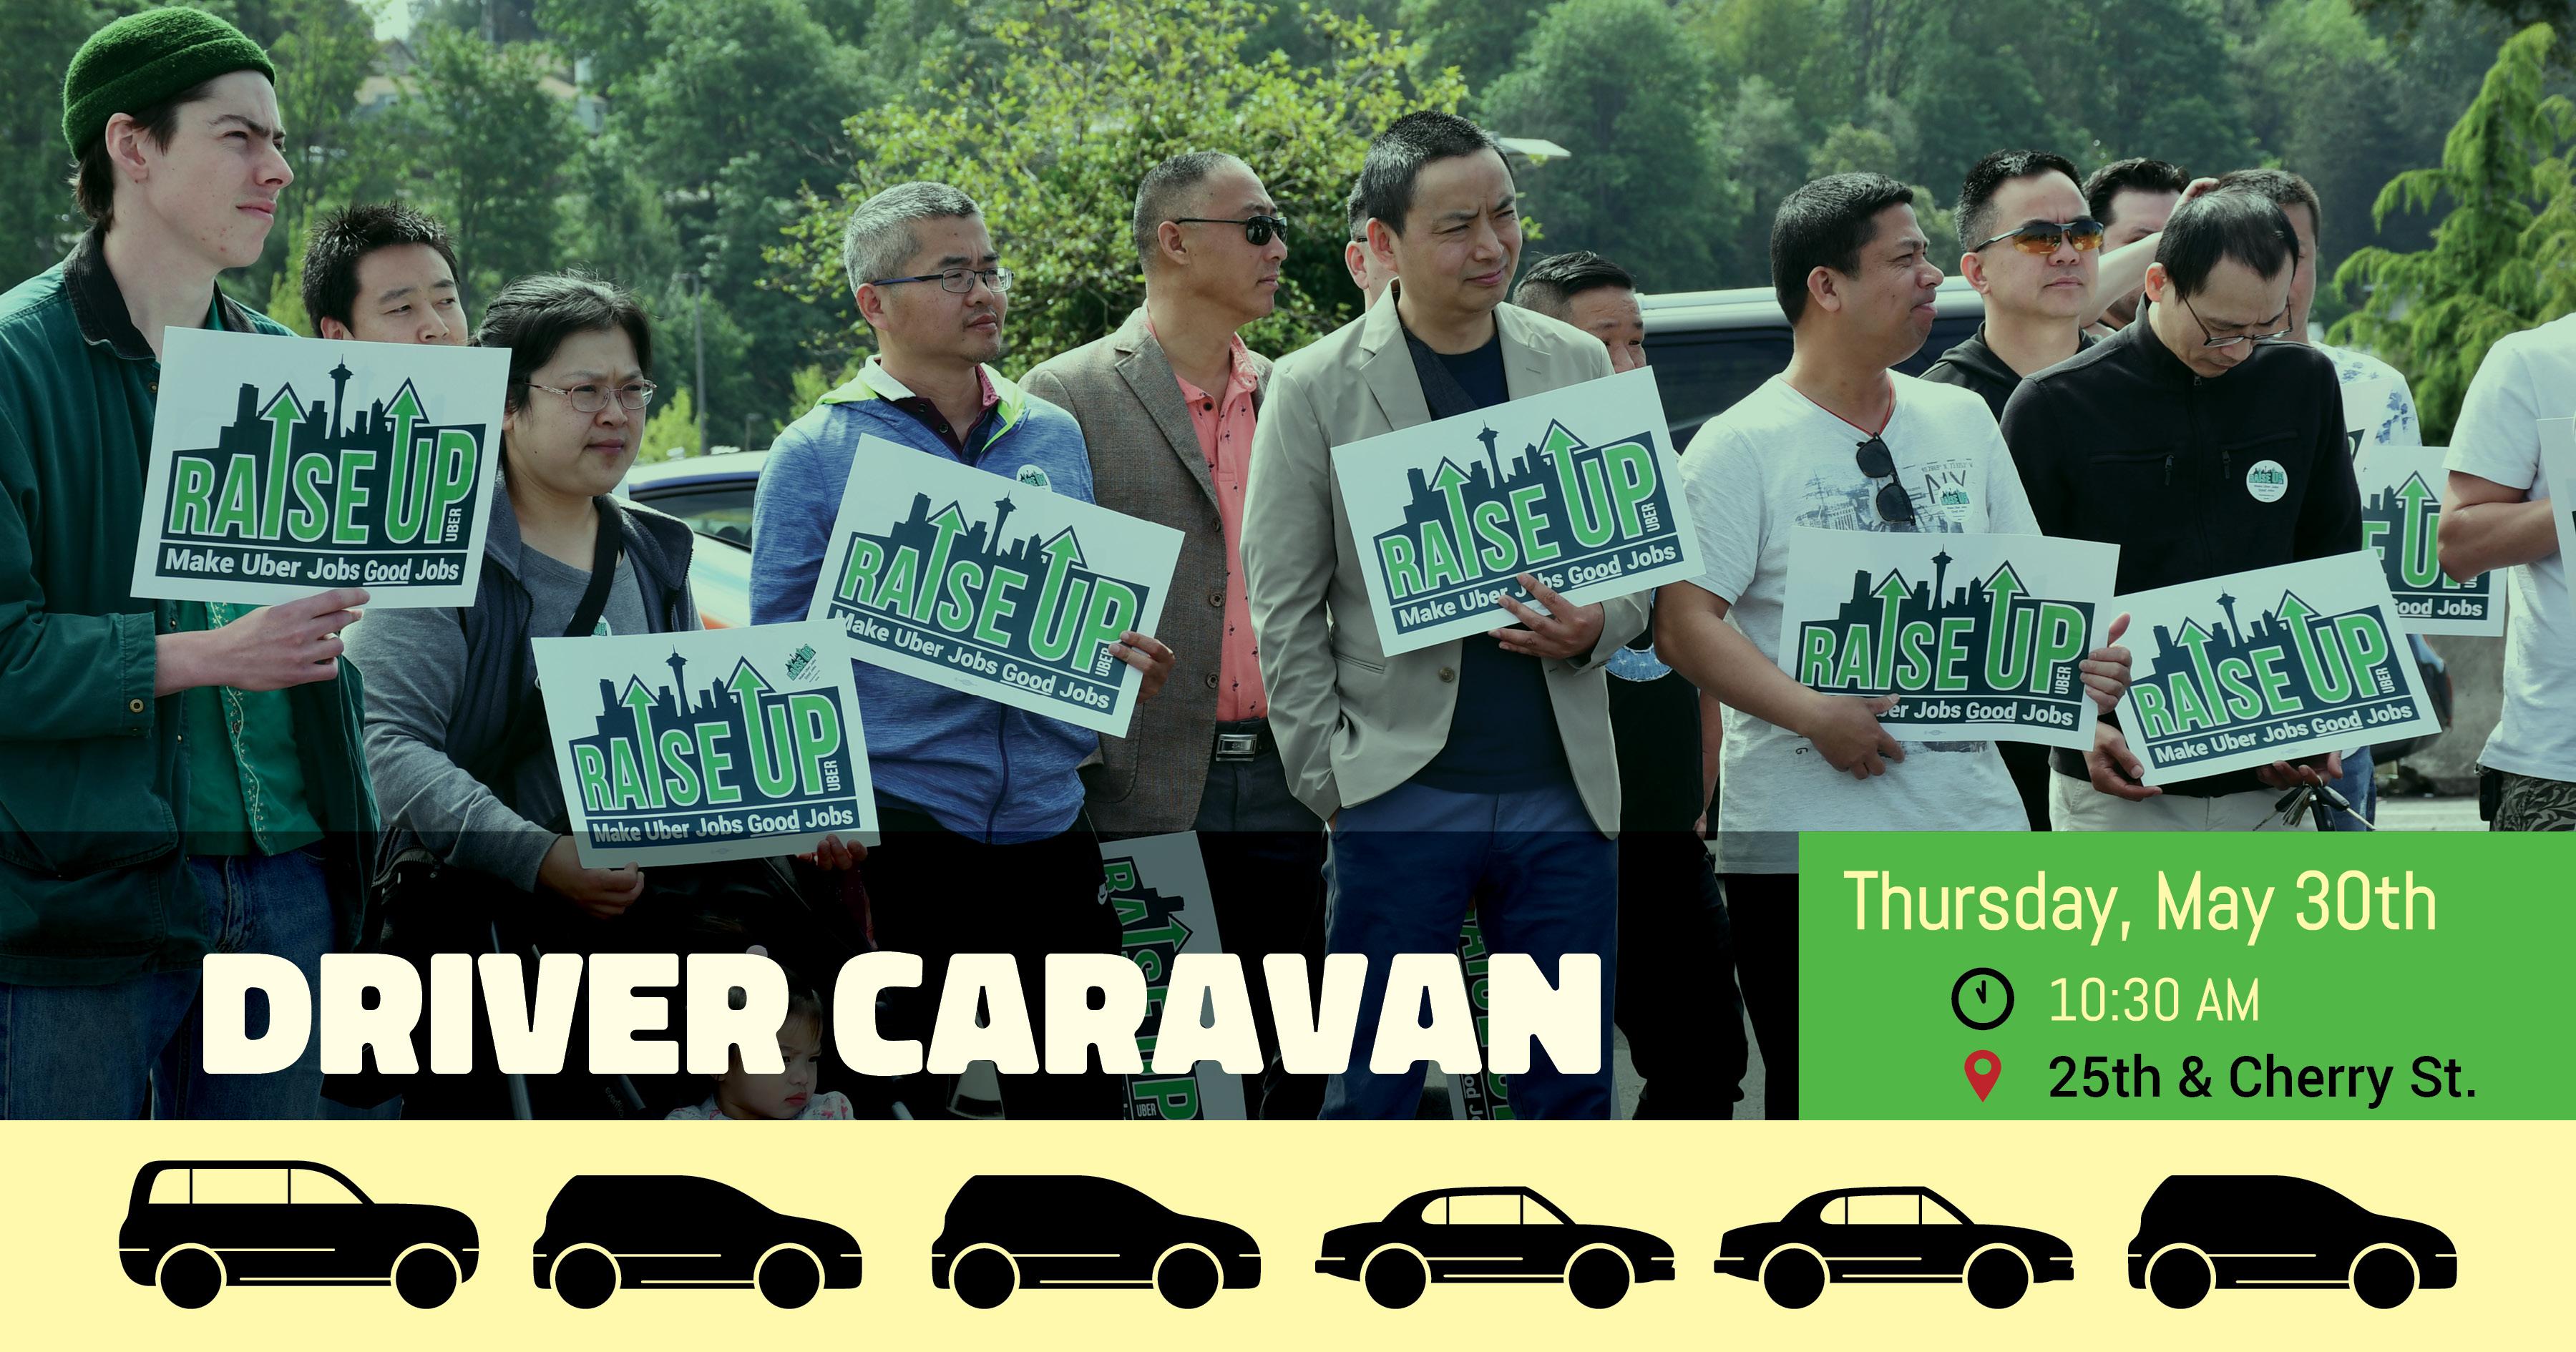 Driver_Caravan_fb.jpg